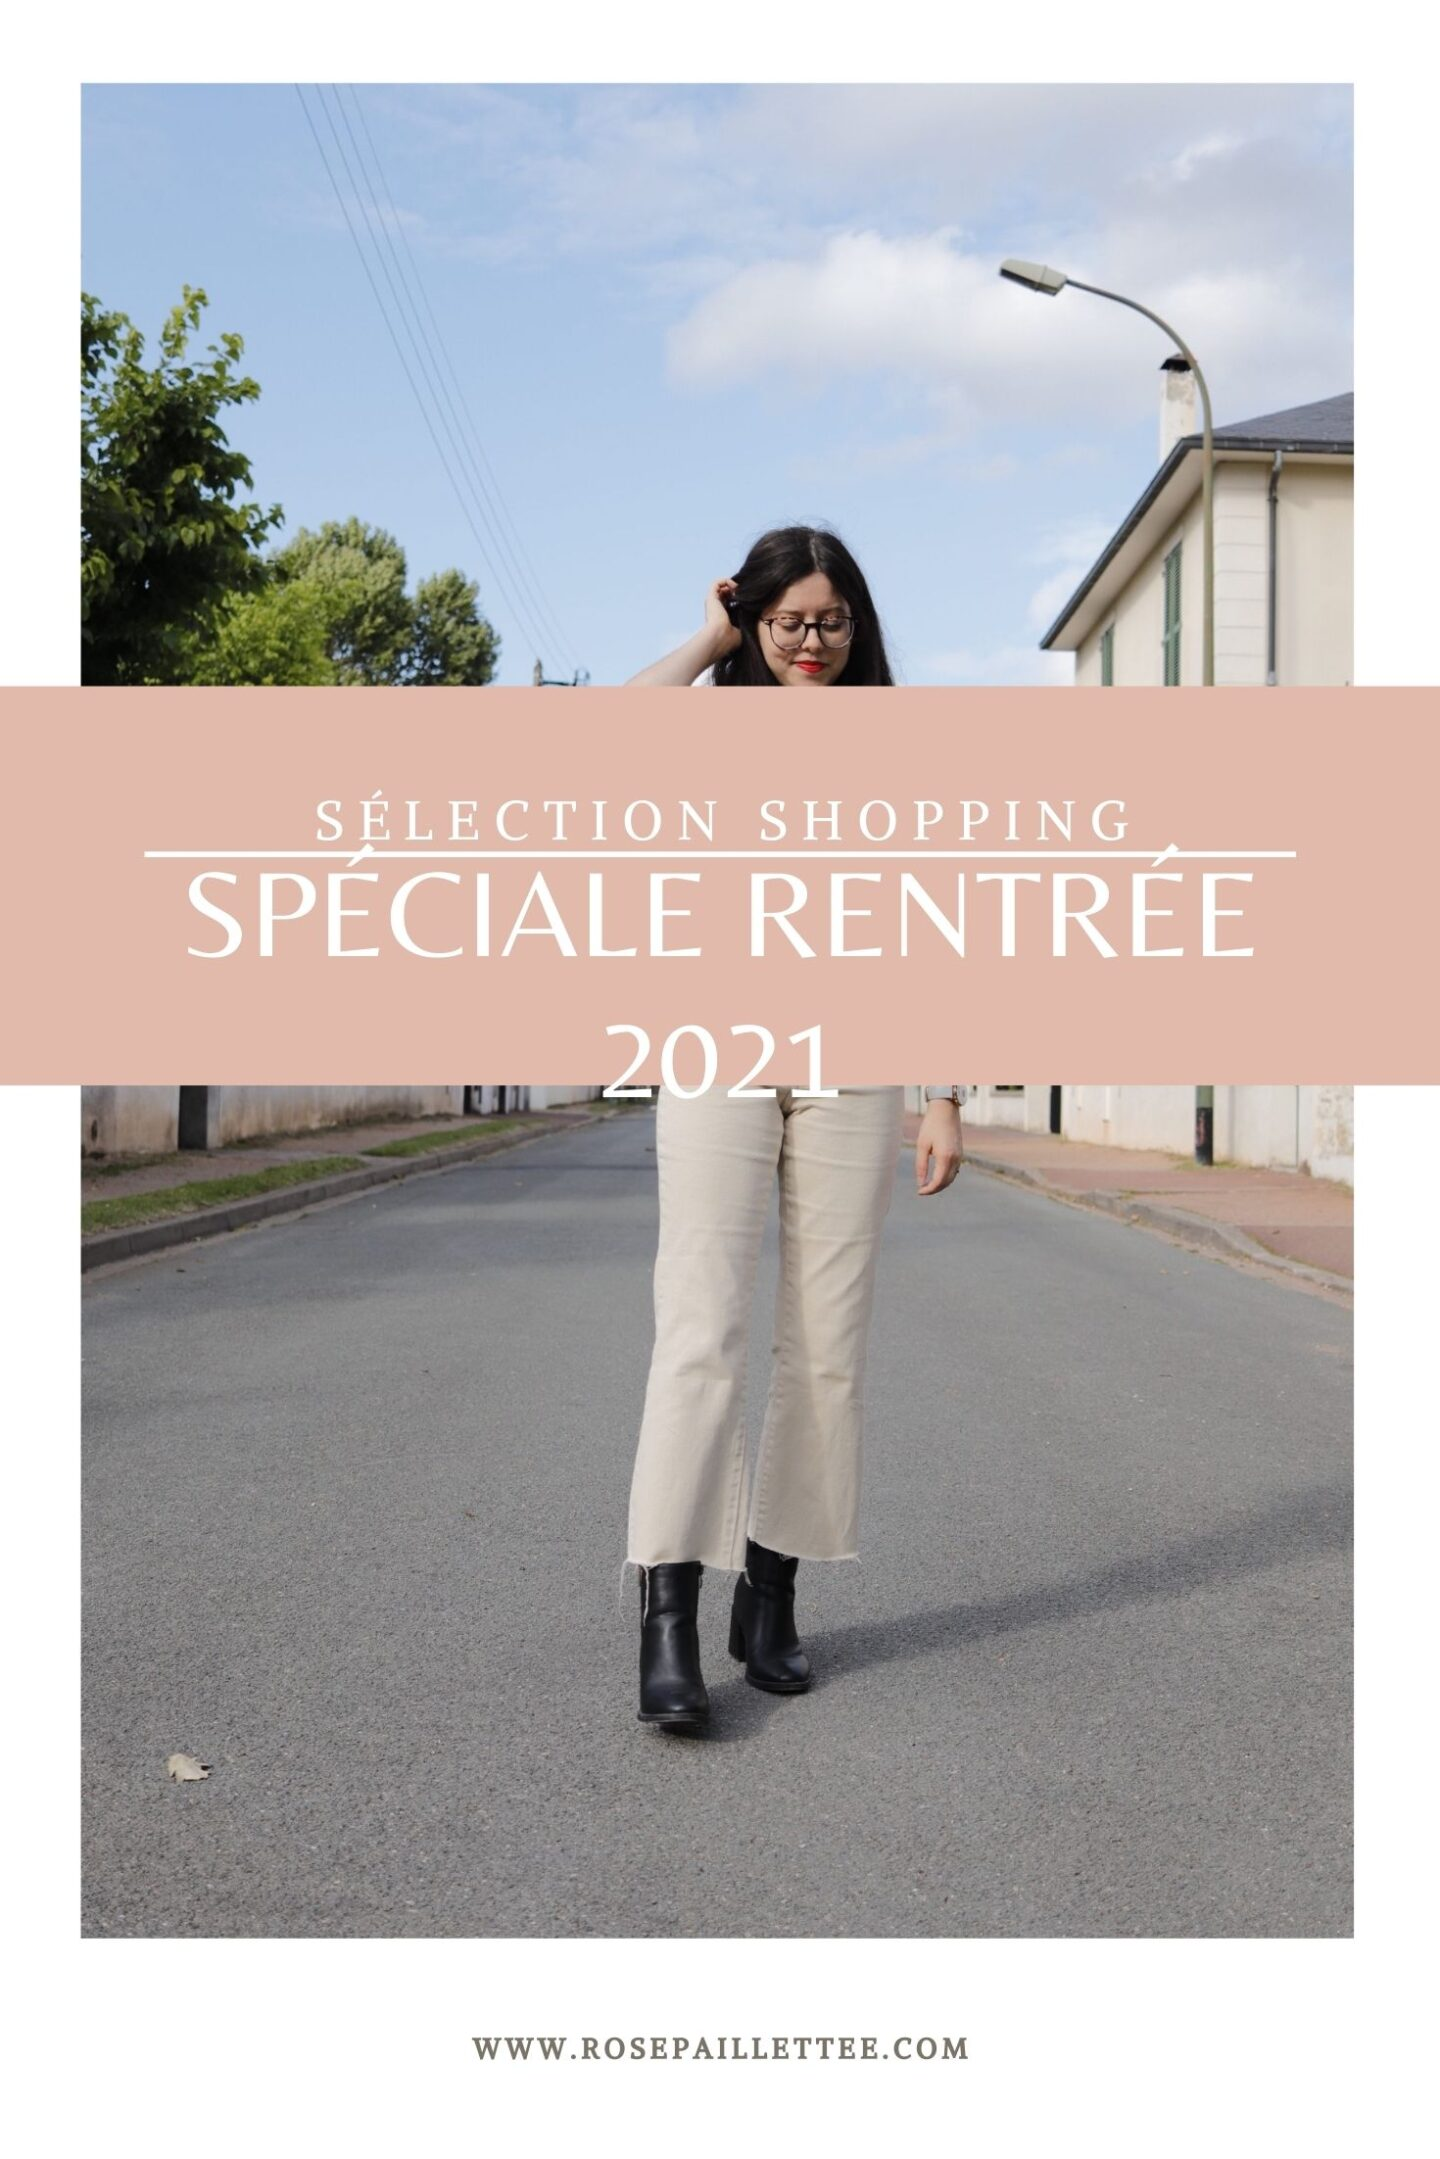 Sélection shopping spécial rentrée 2021